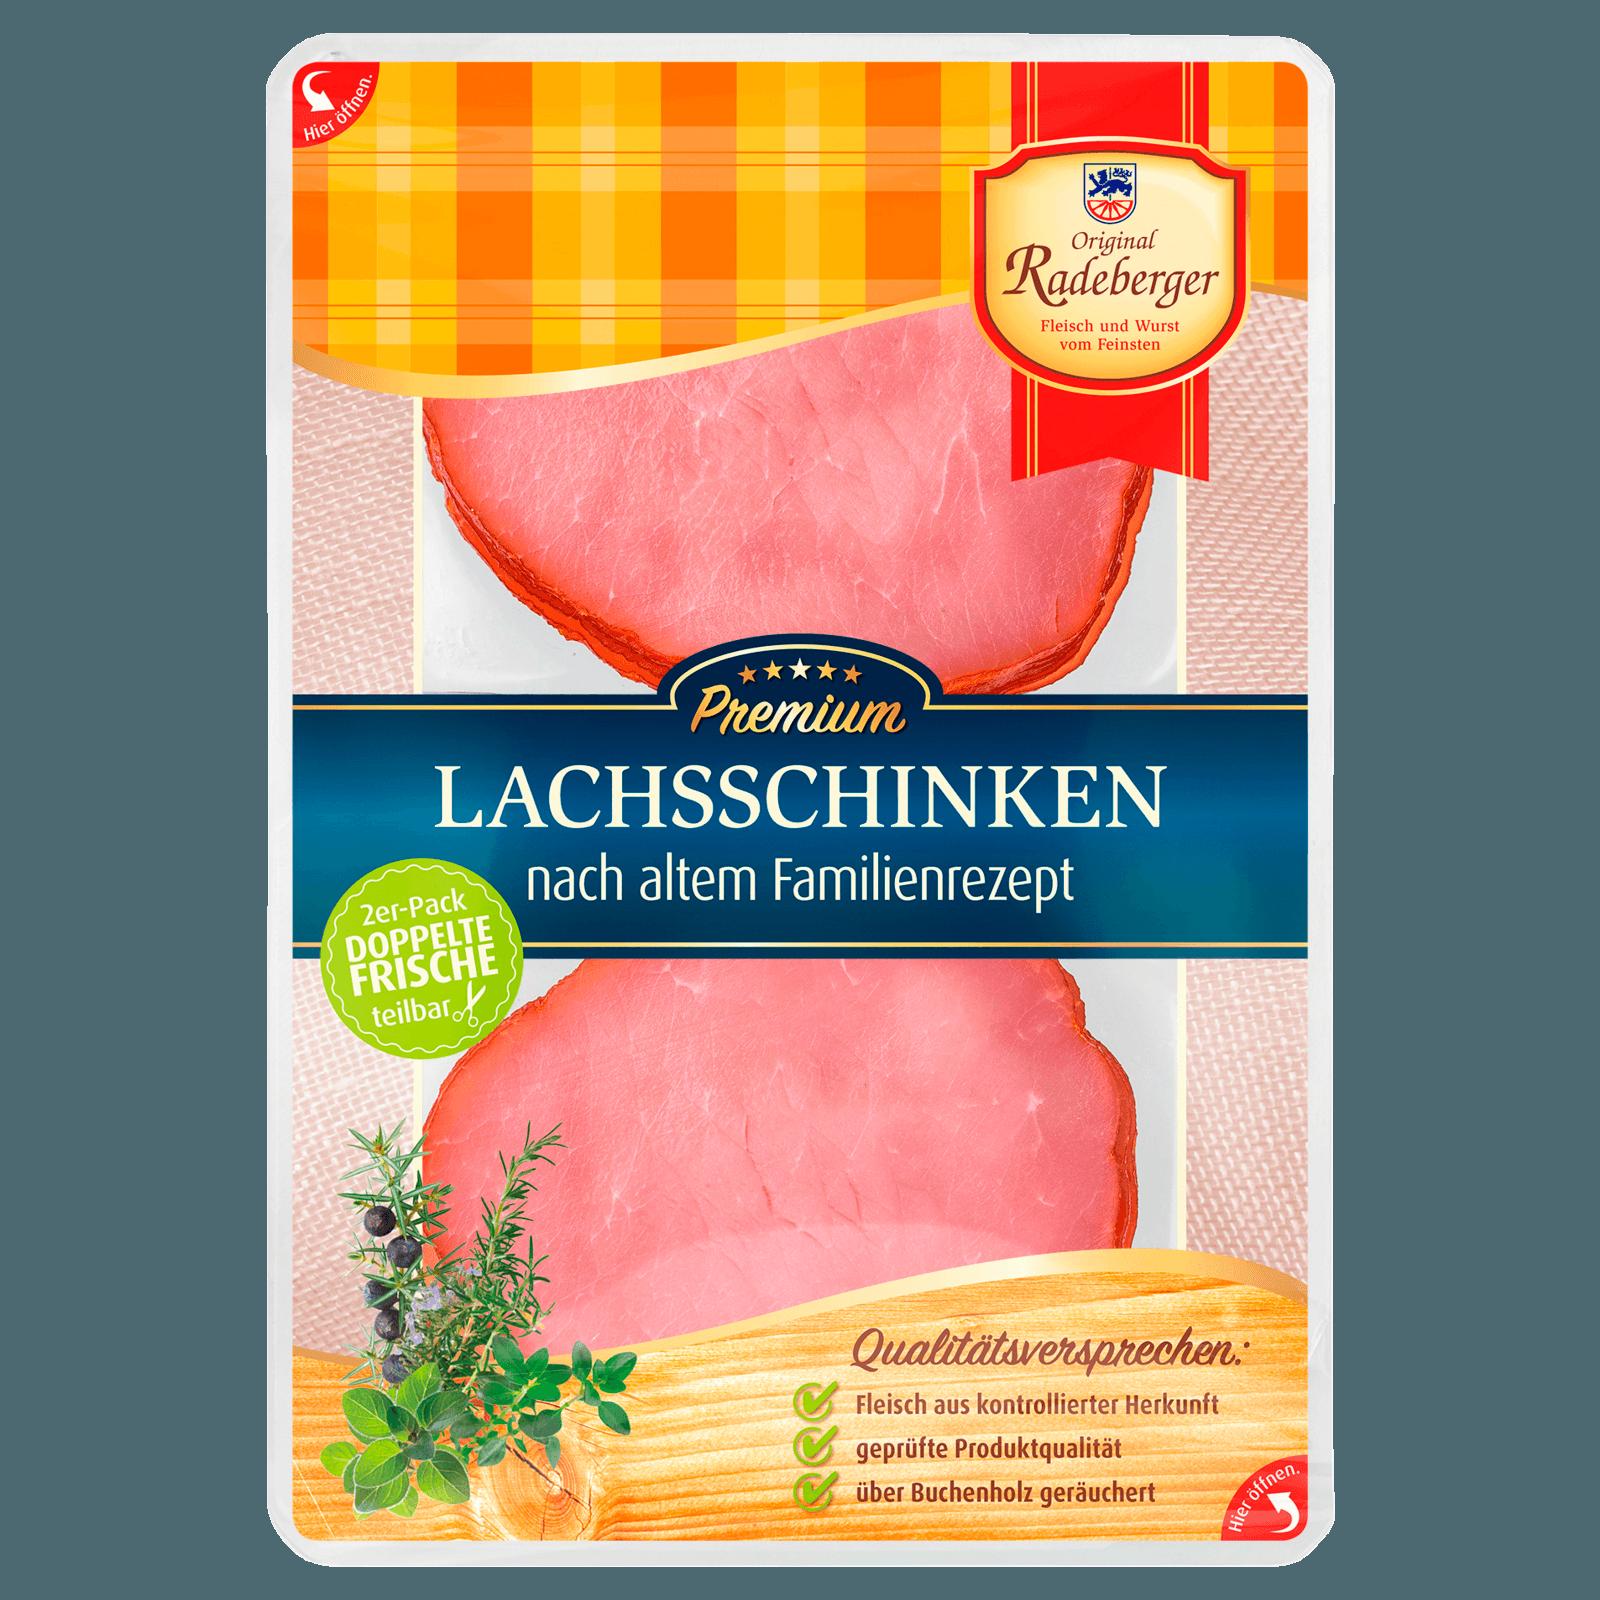 Radeberger Lachsschinken 150g